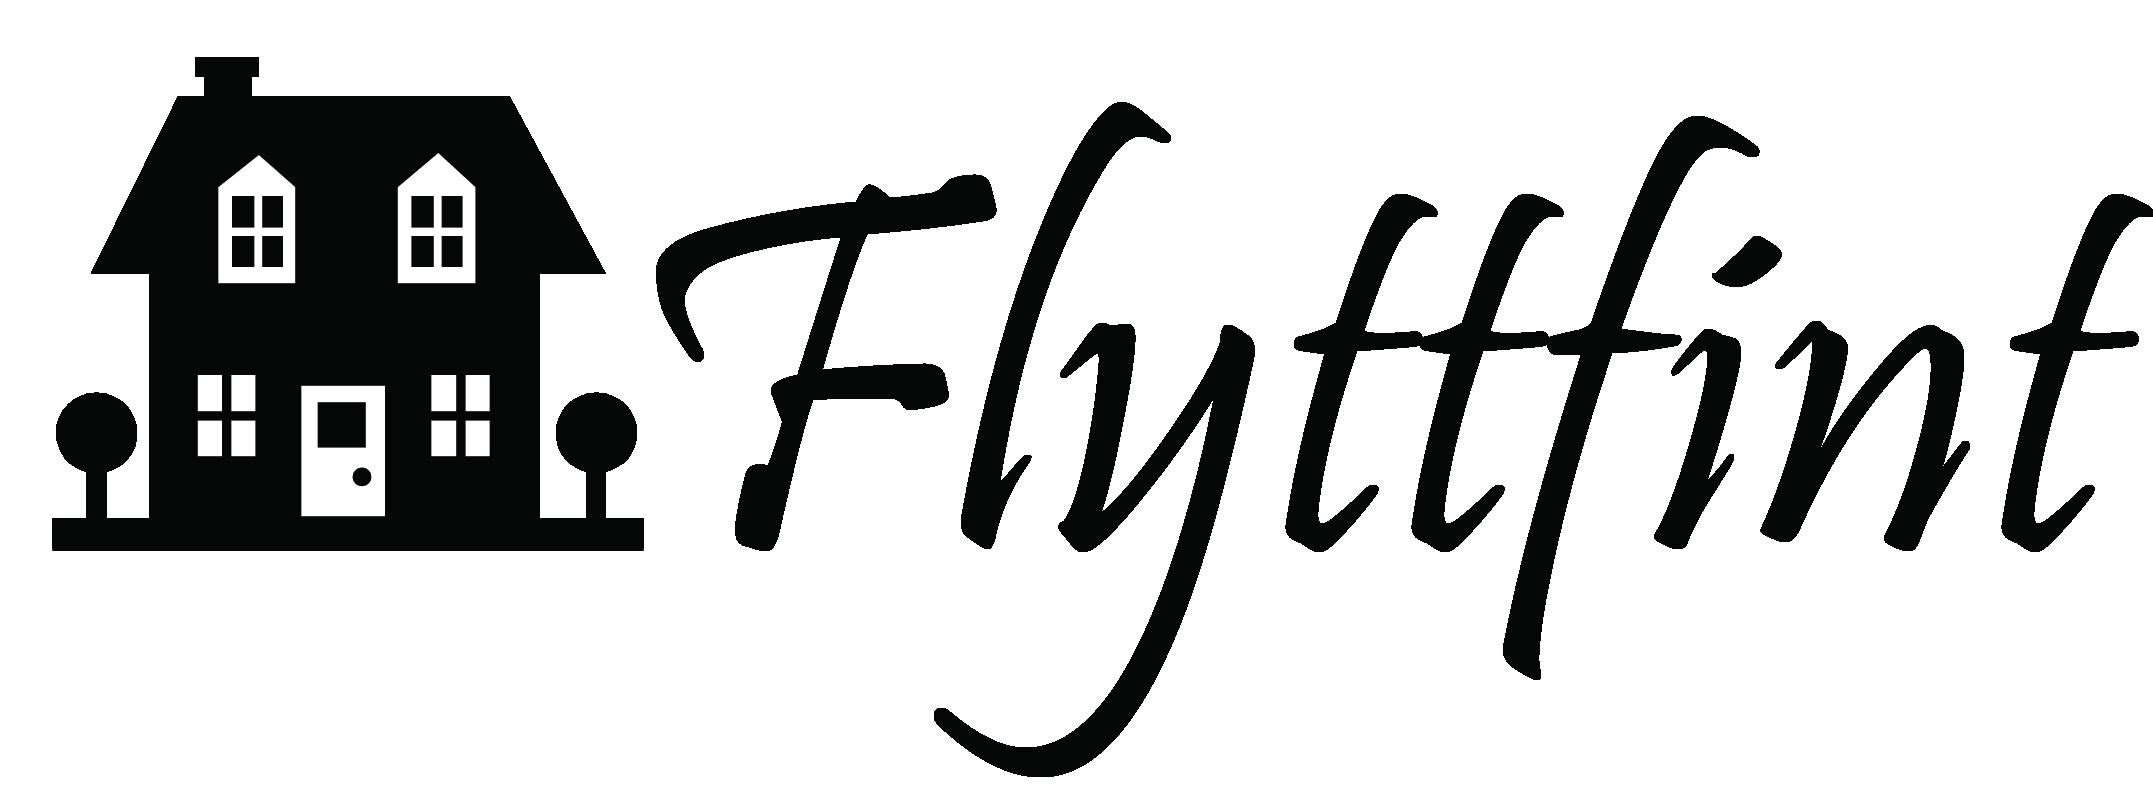 Flyttfint Liggande ny font